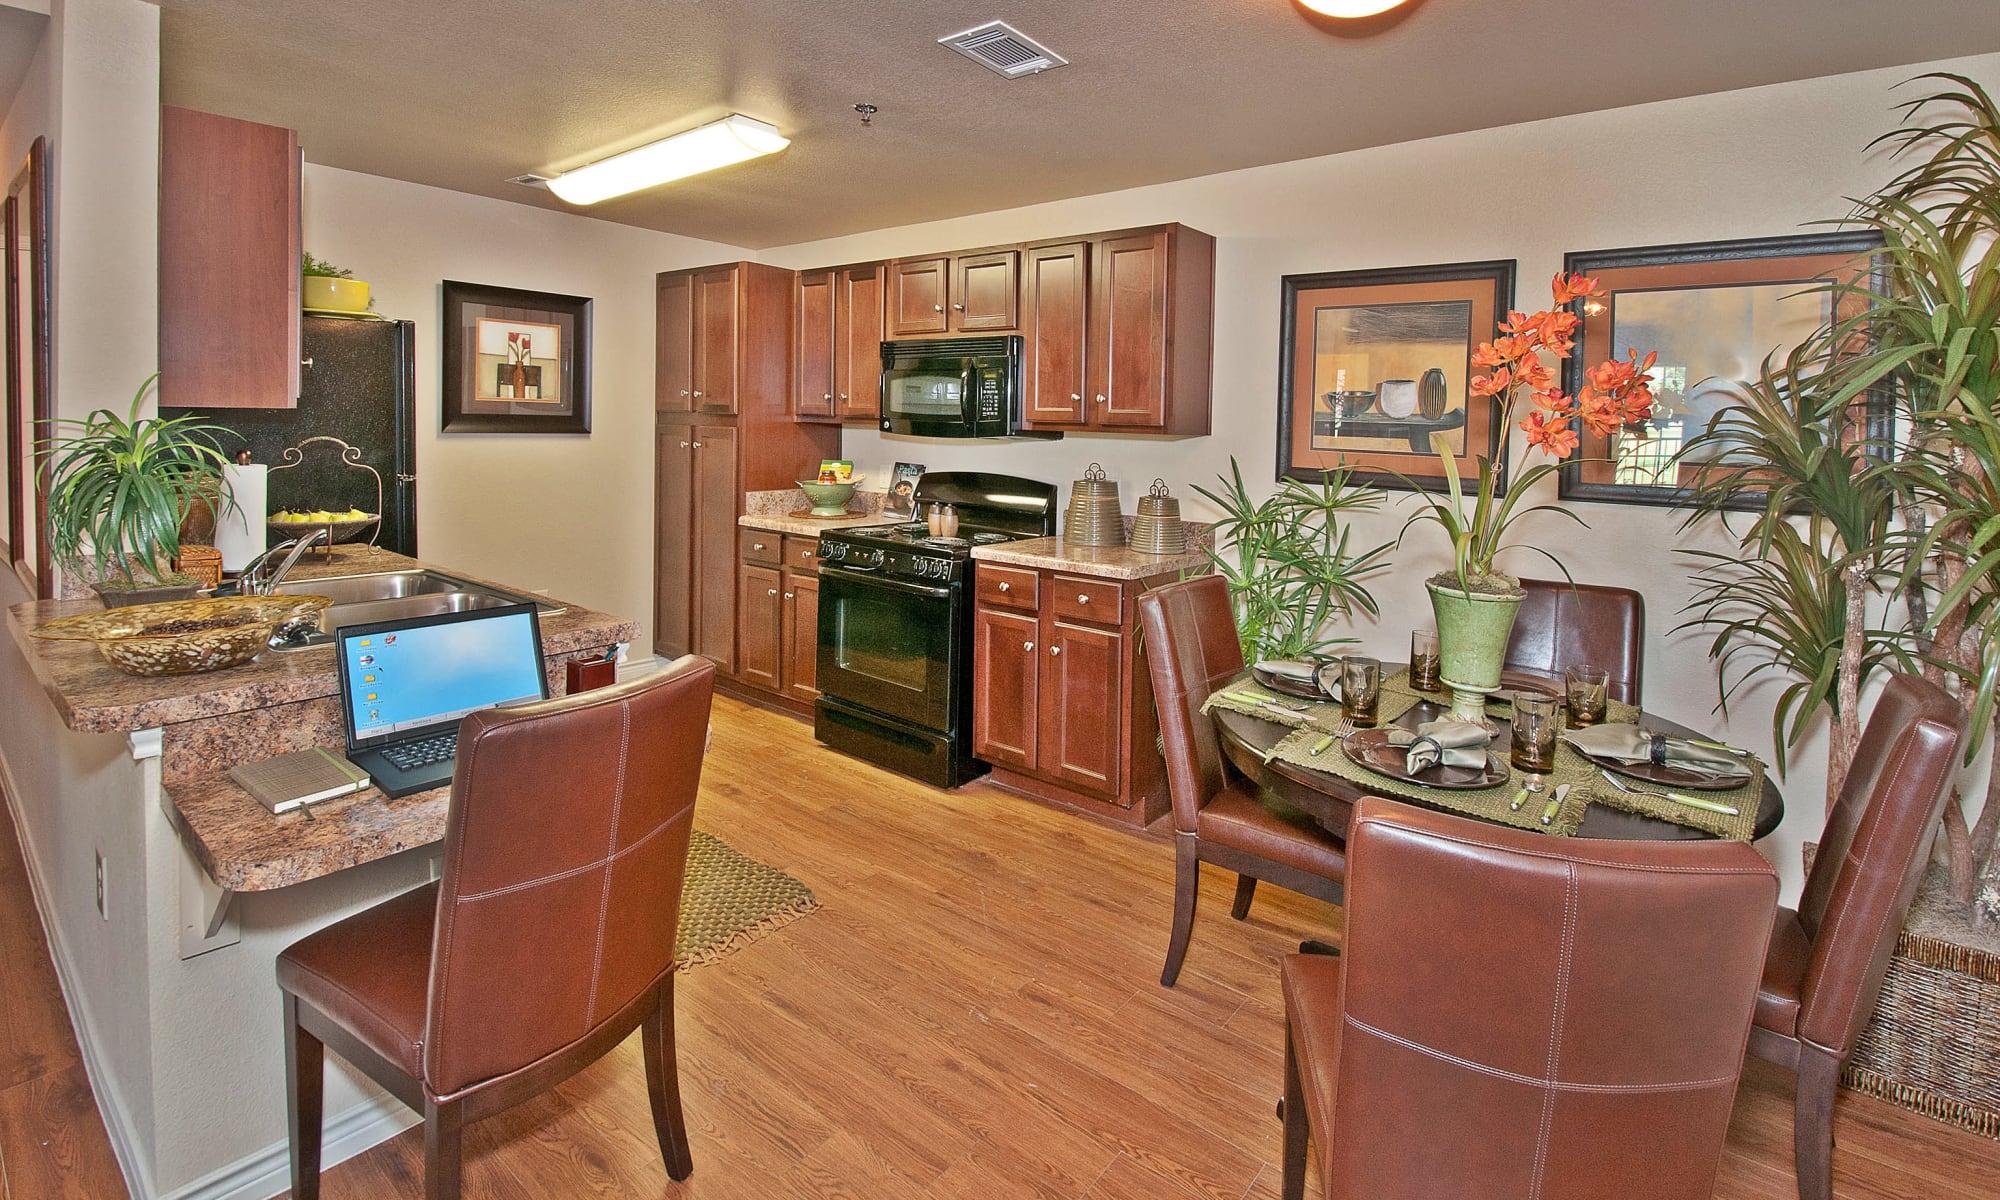 Apartments at Trails at Buda Ranch in Buda, Texas